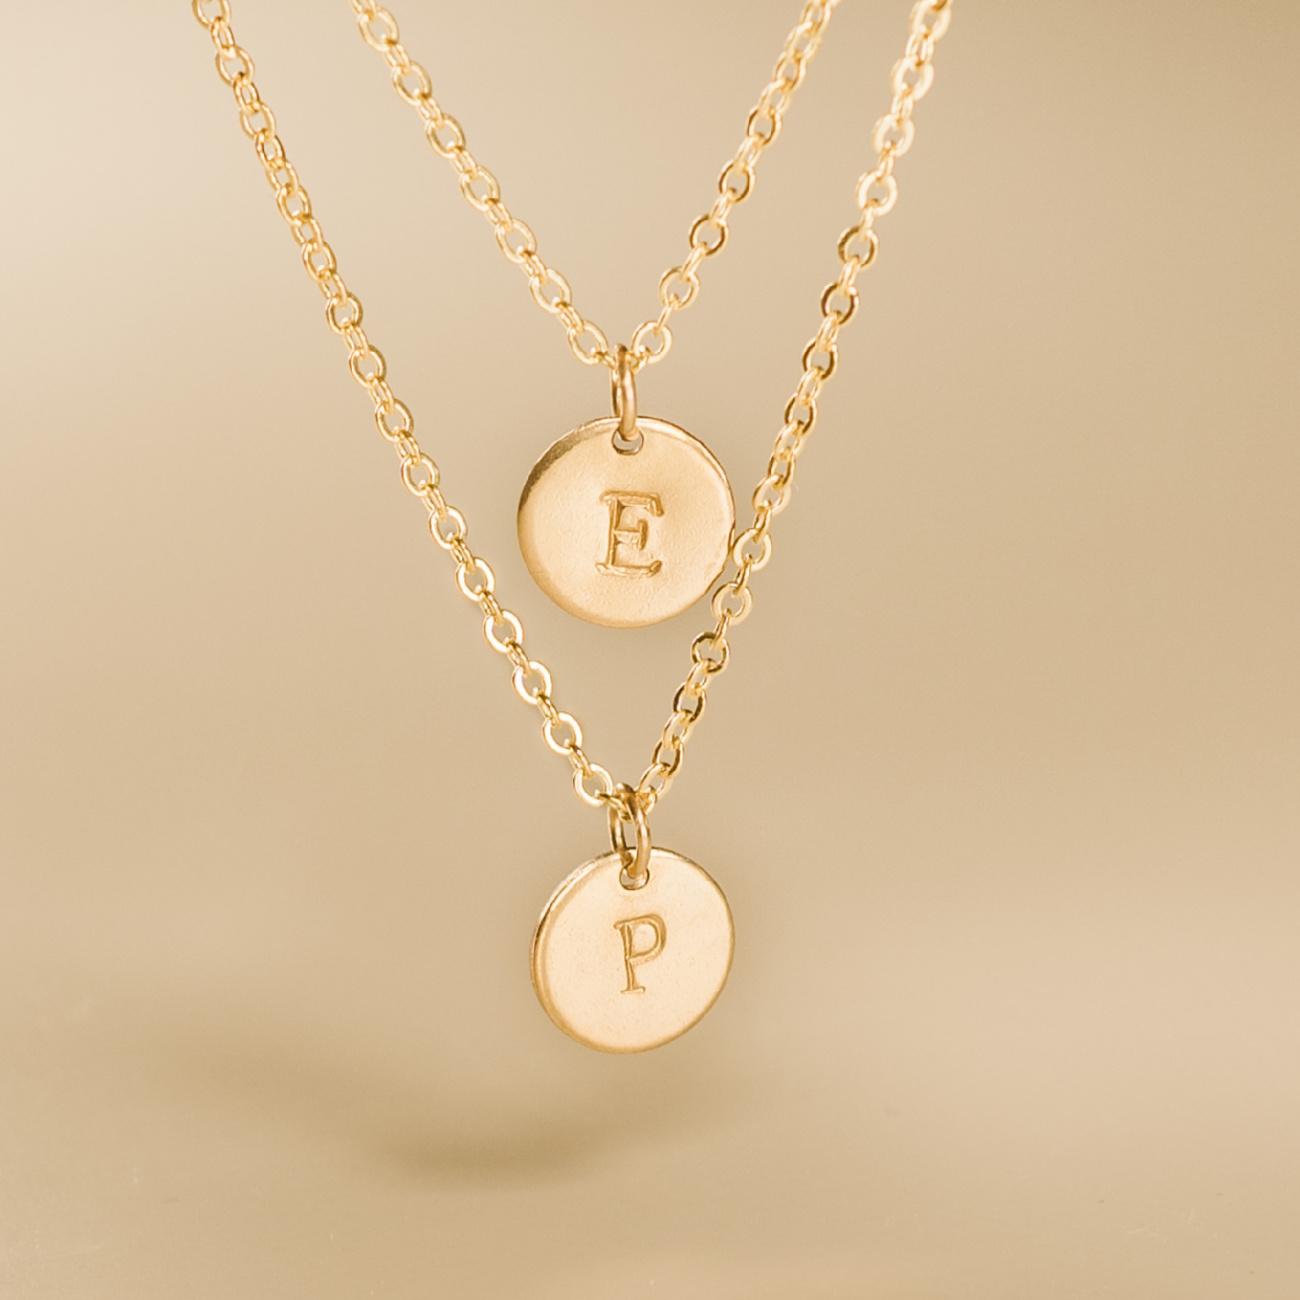 Dvojitý náhrdelník s ražbou písmen